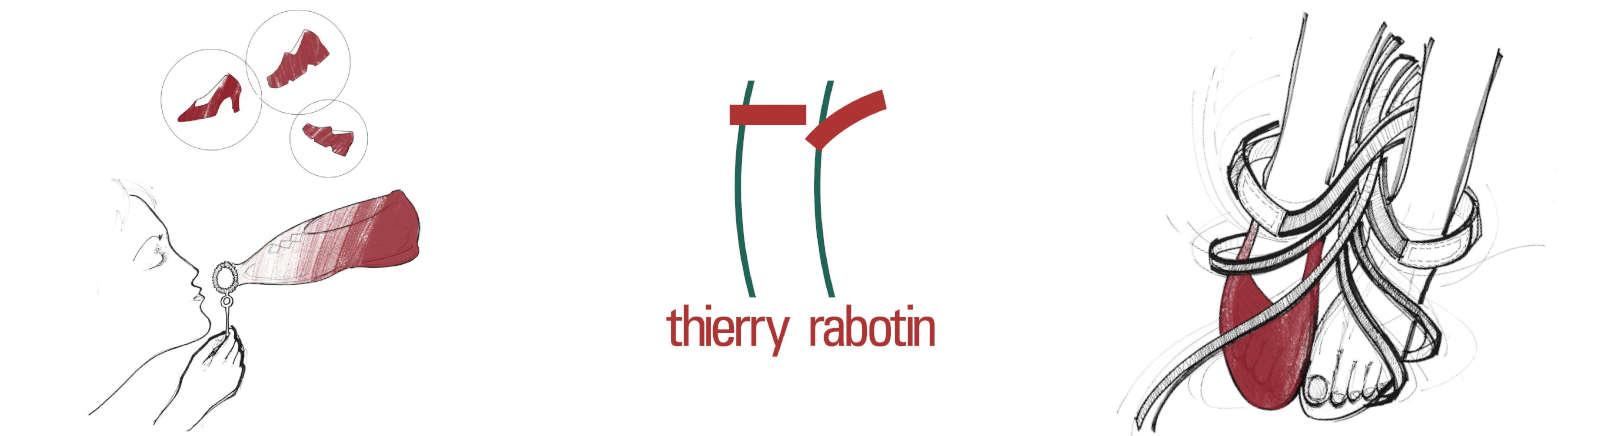 Thierry Rabotin: Schuhe für Damen online kaufen im GISY Shop